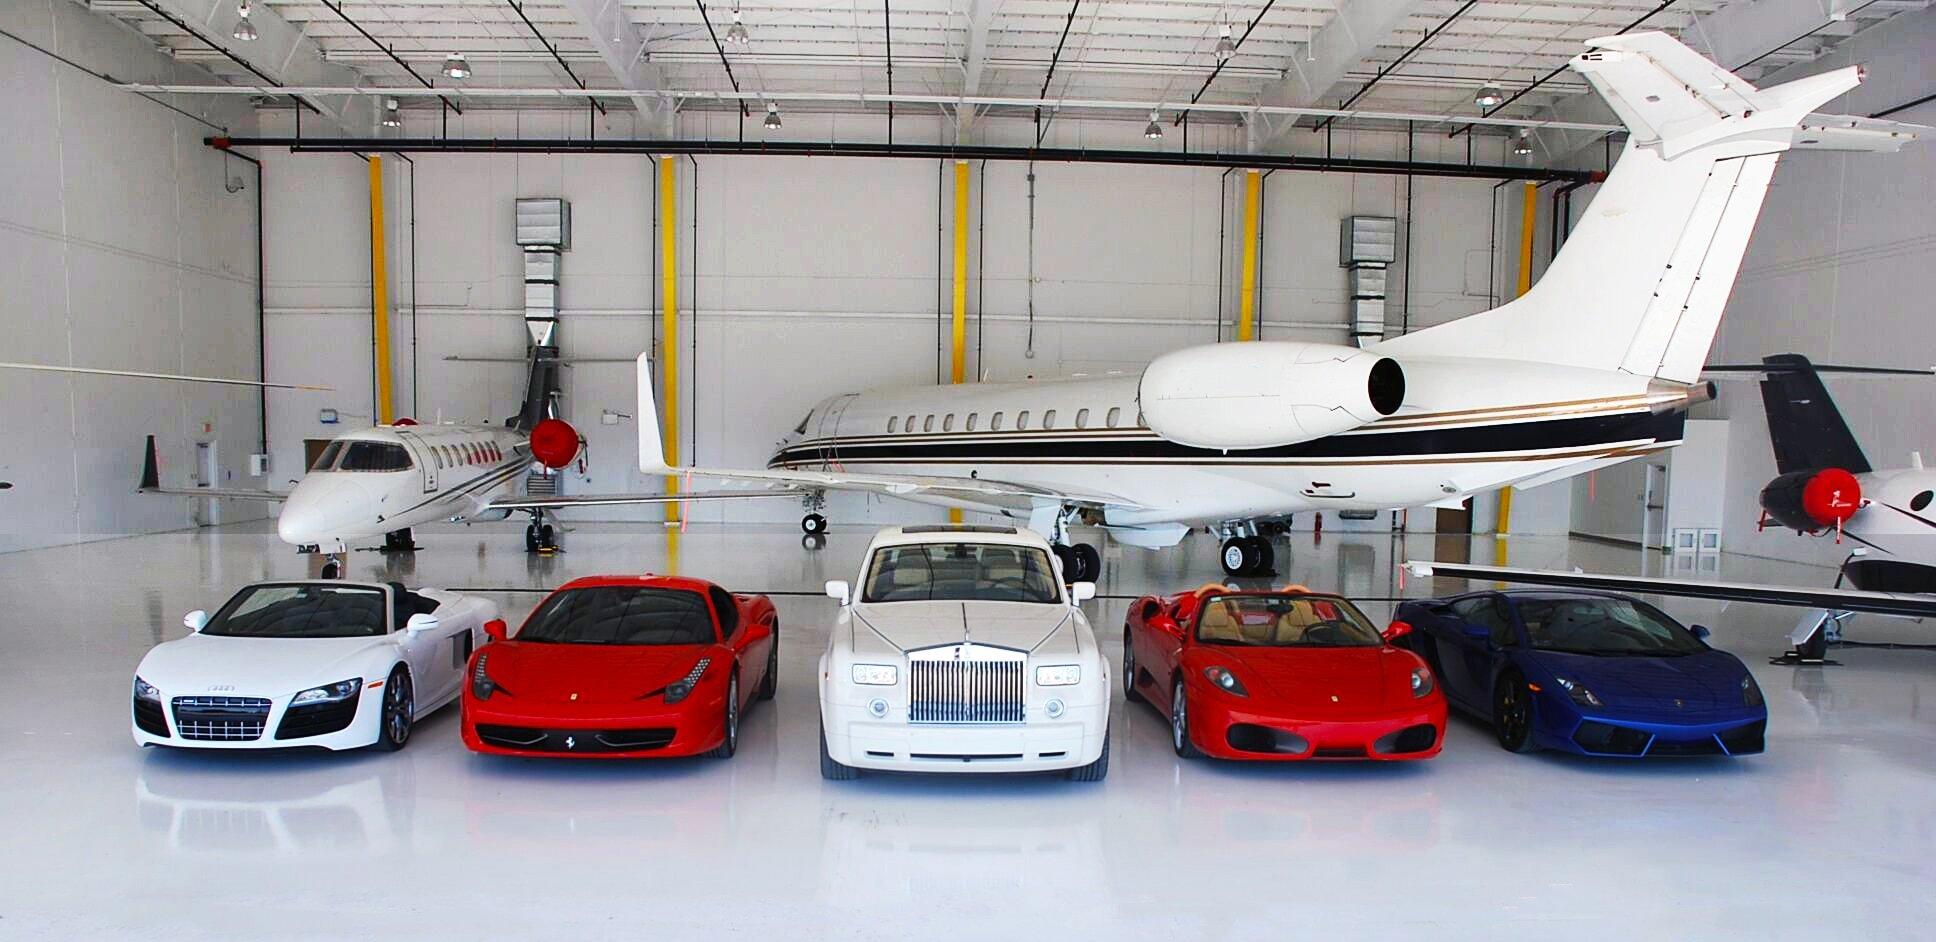 Exotic Car Rentals in Miami - Premier Auto Miami